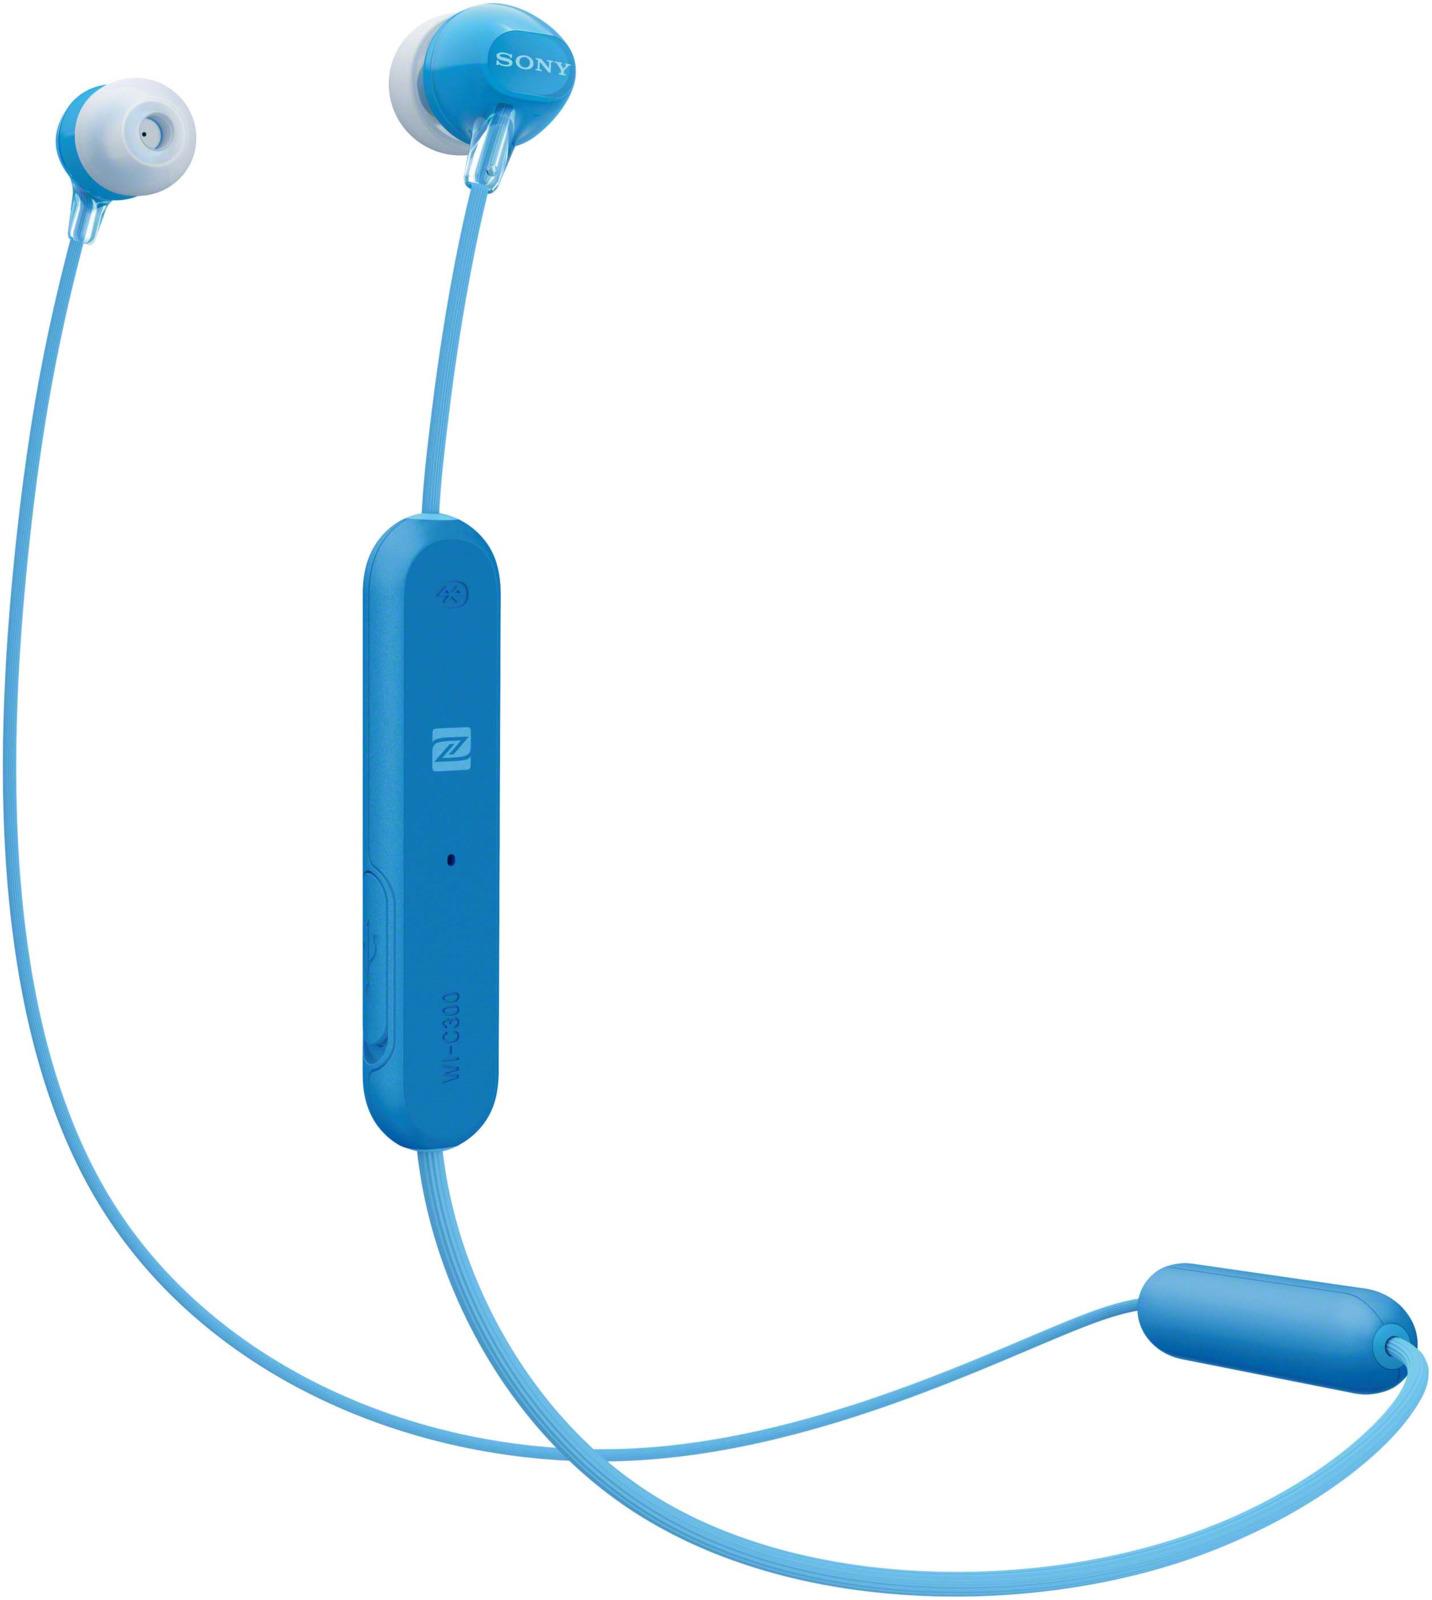 Беспроводные наушники-вкладыши Sony WI-C300, цвет синий